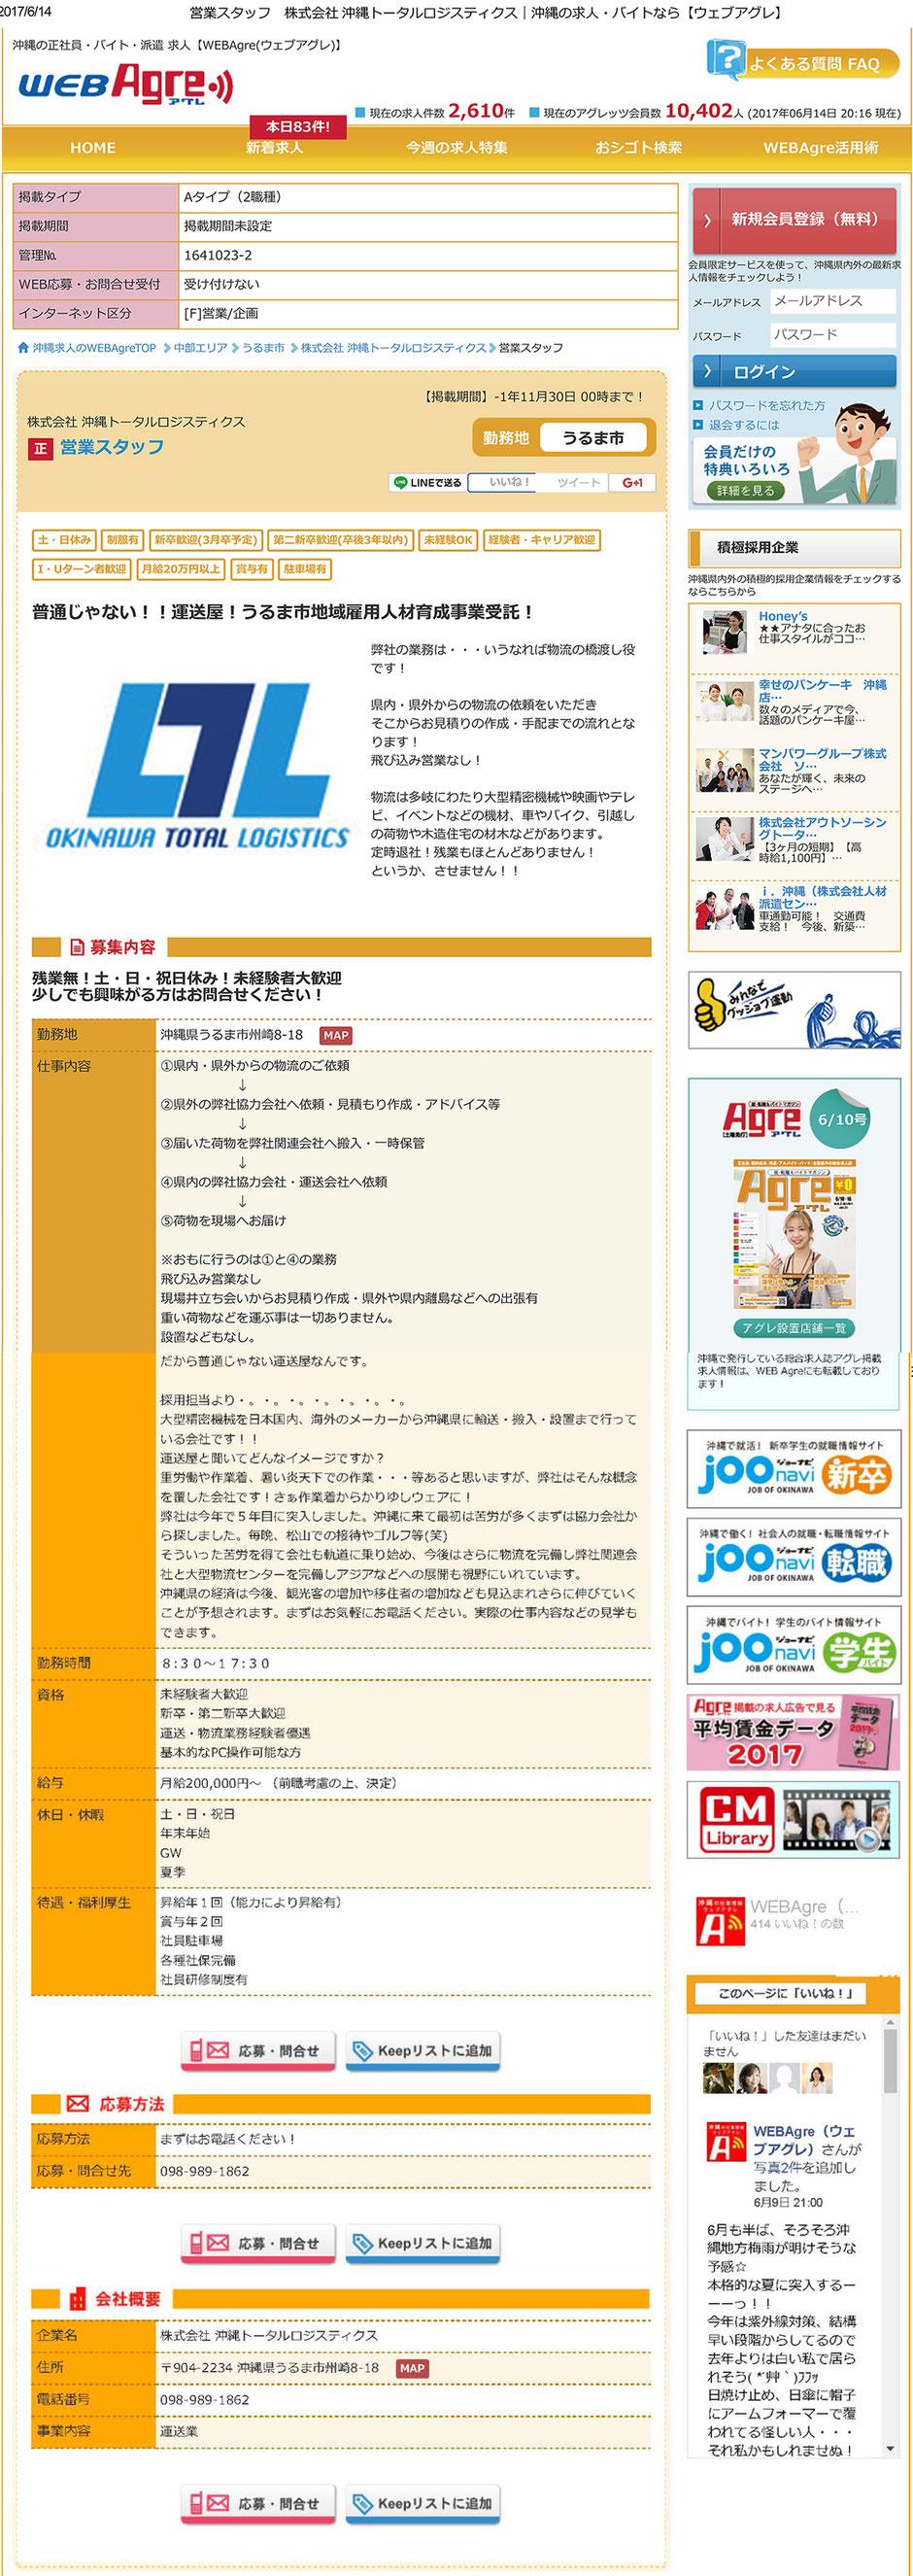 アグレ ウェブ アグレの掲載料金比較。沖縄の求人ならオールカラーで見やすいアグレに決まり